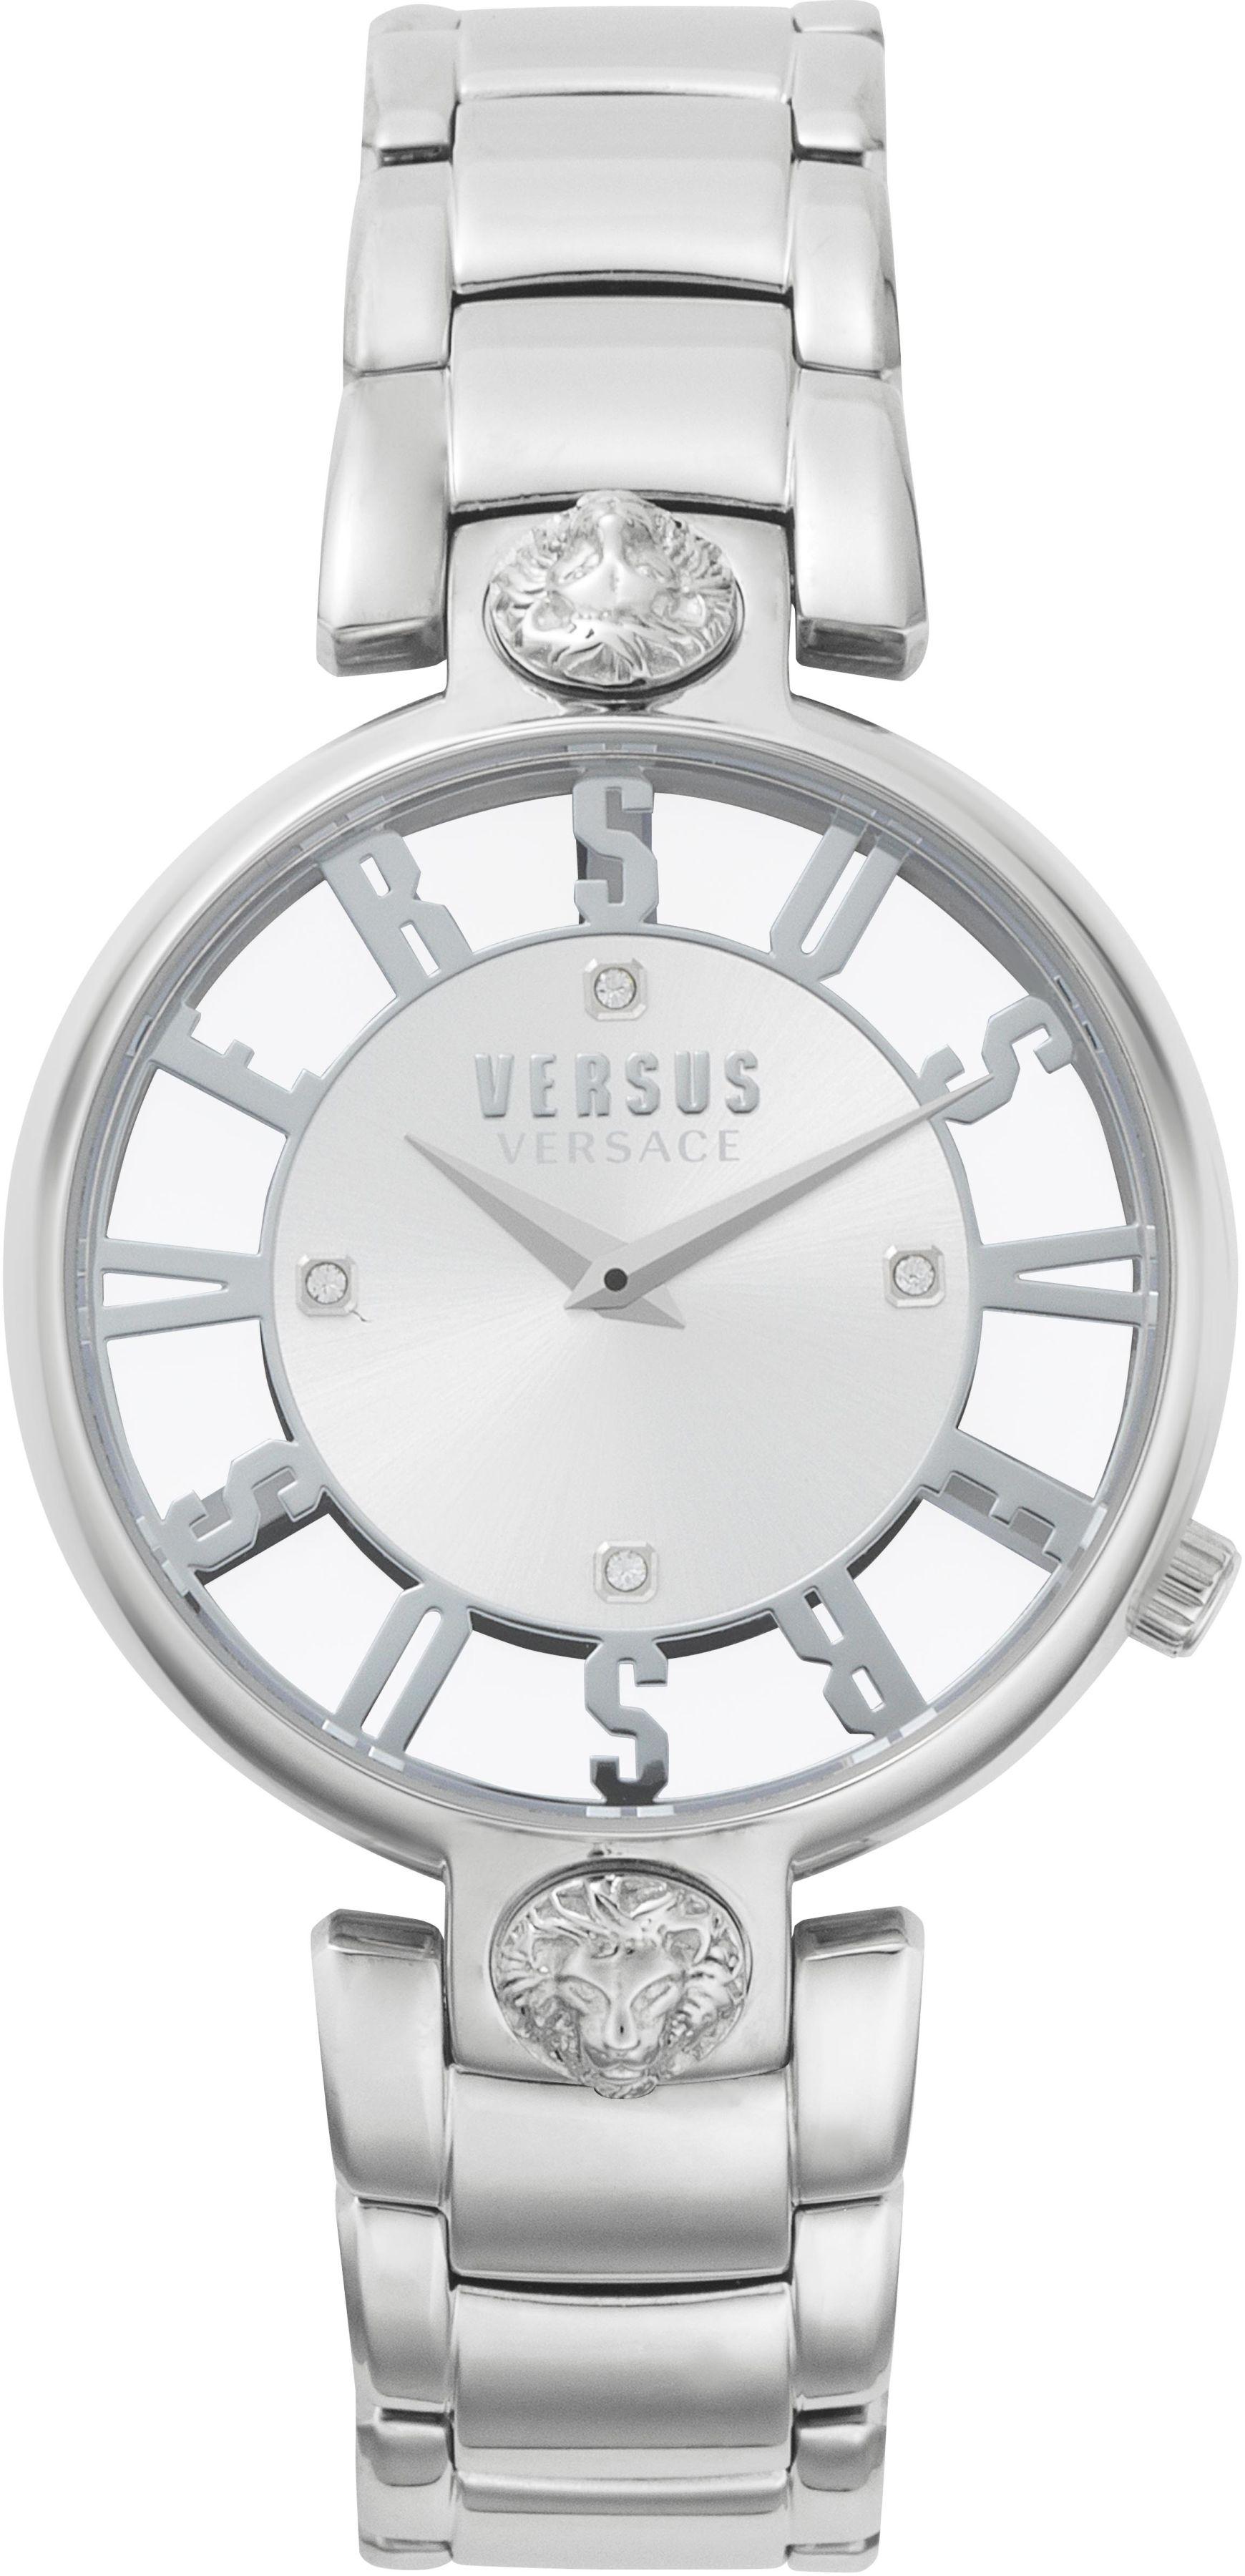 Versus Versace VSP490518